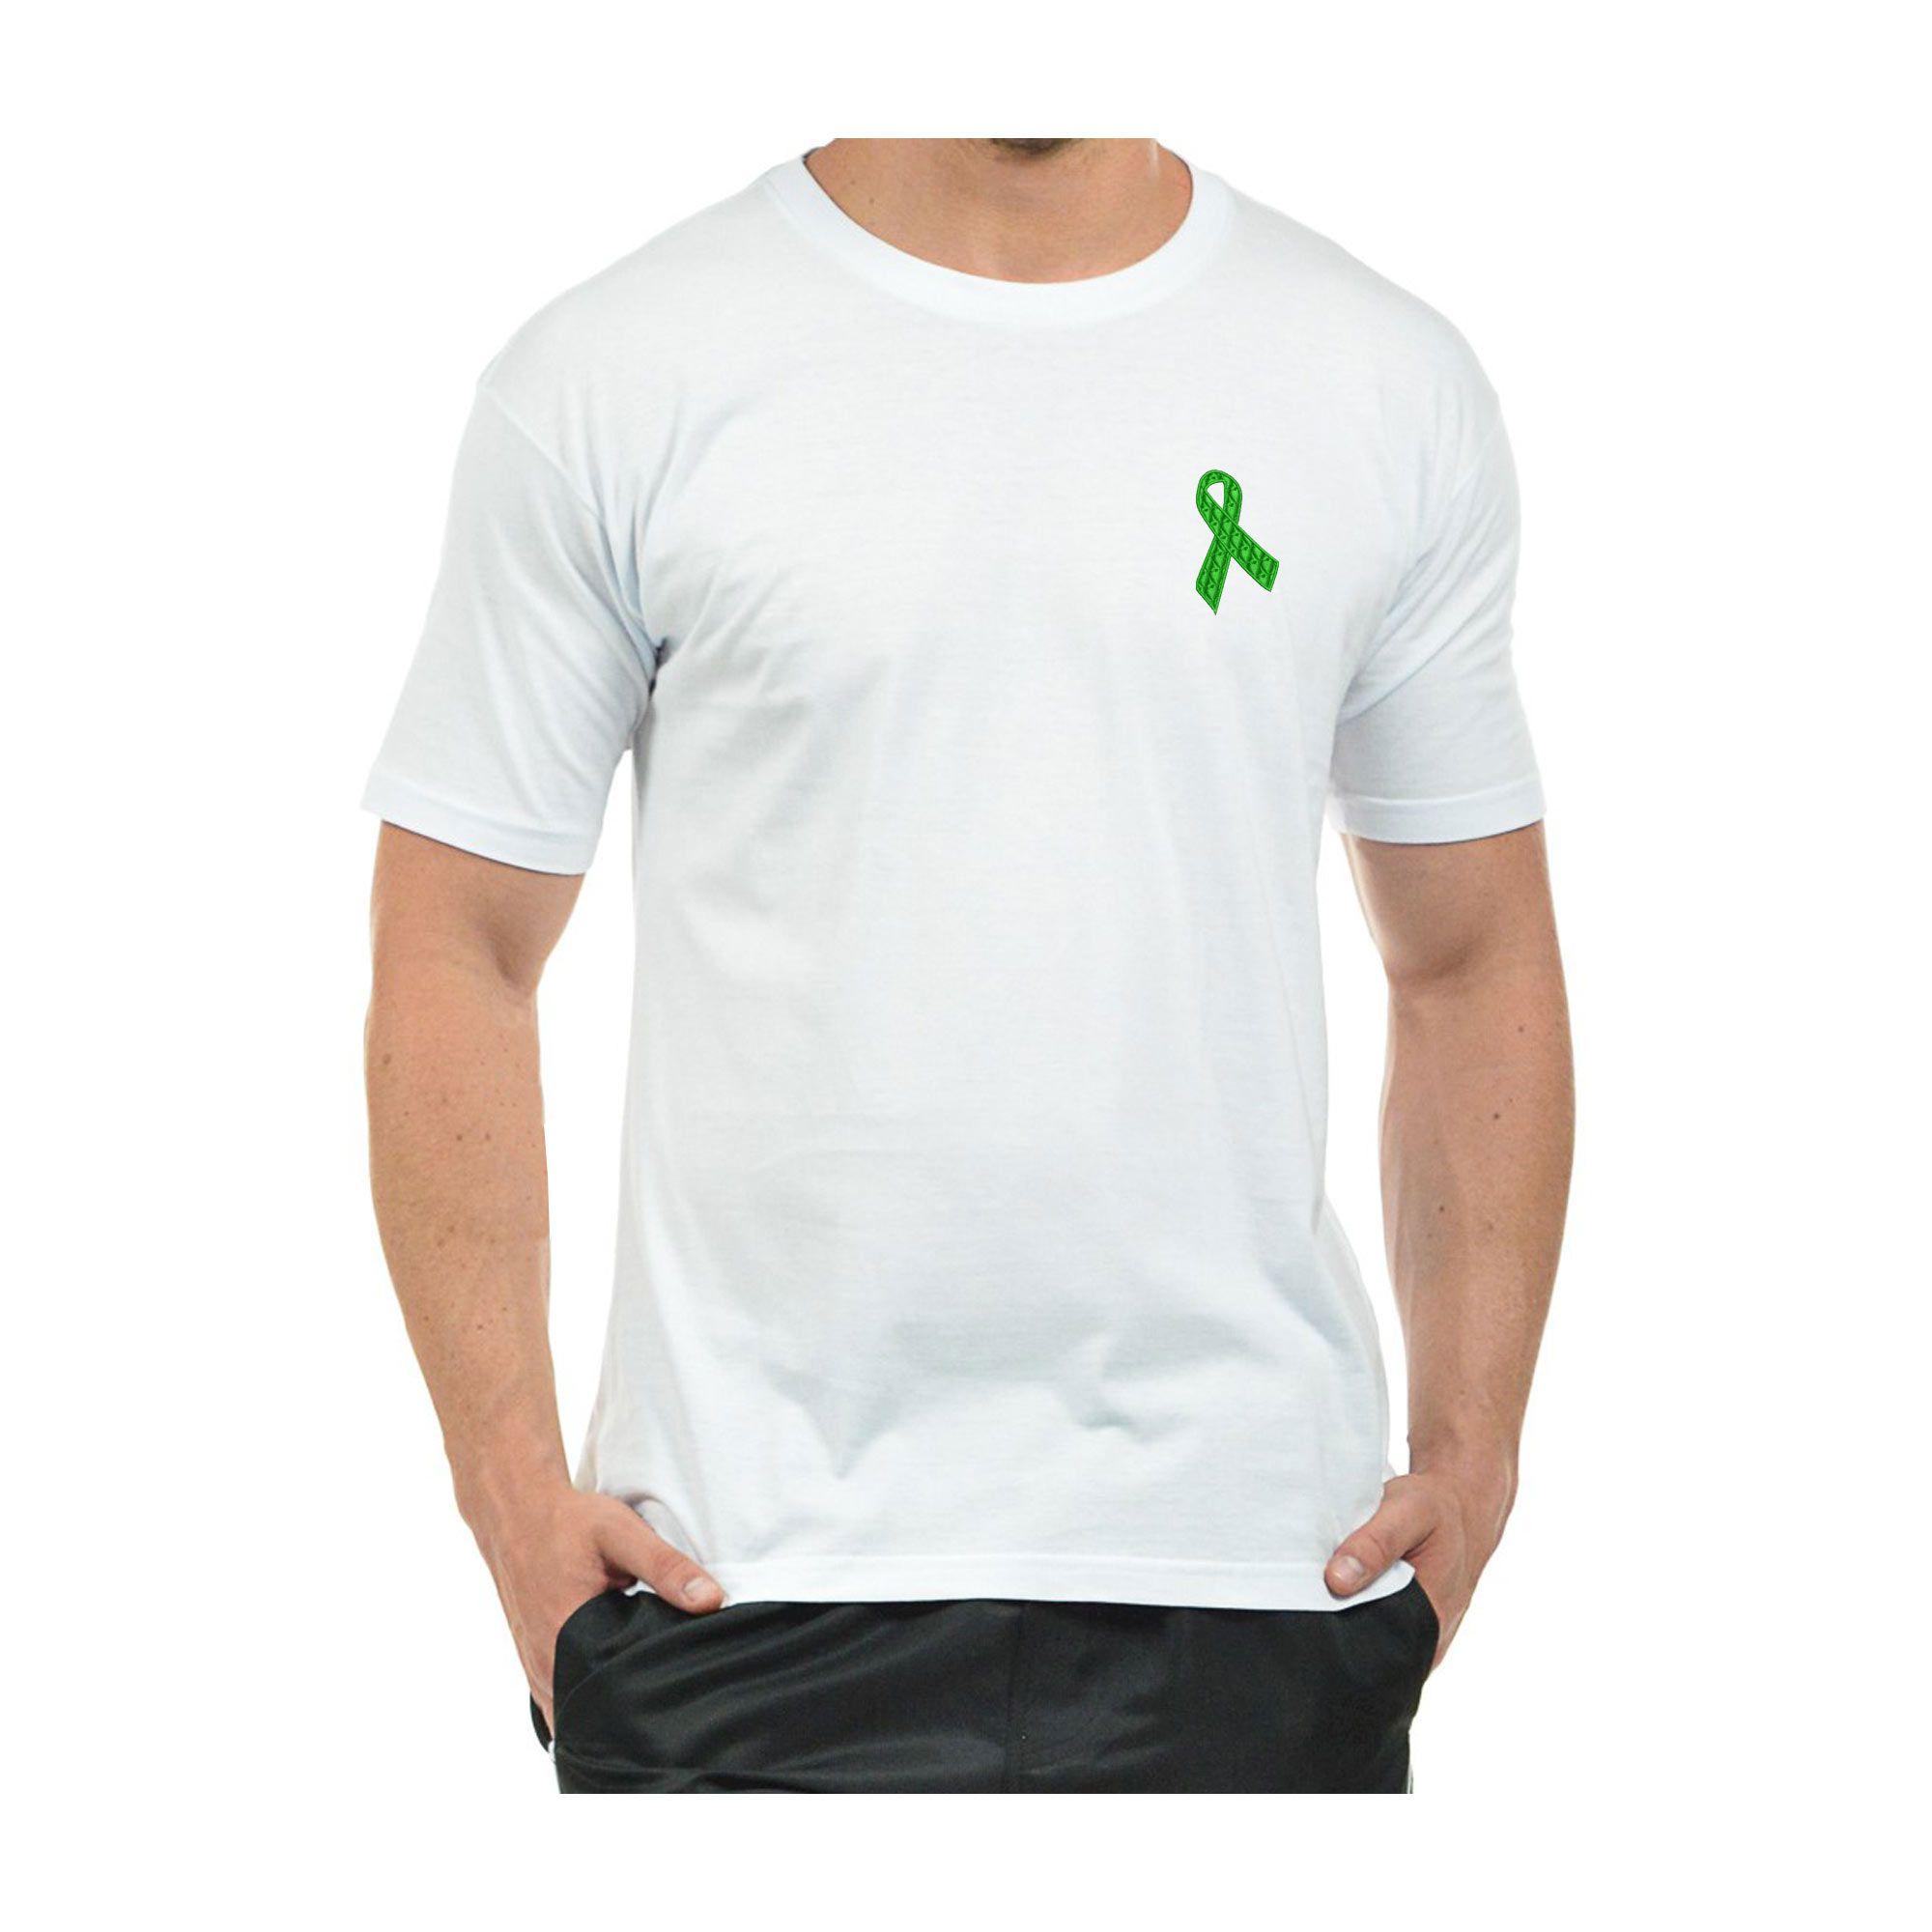 Camiseta Bordada Masculina Laço Setembro Verde Doação de Órgãos Heróis do Bem  - Talysmã Bordados